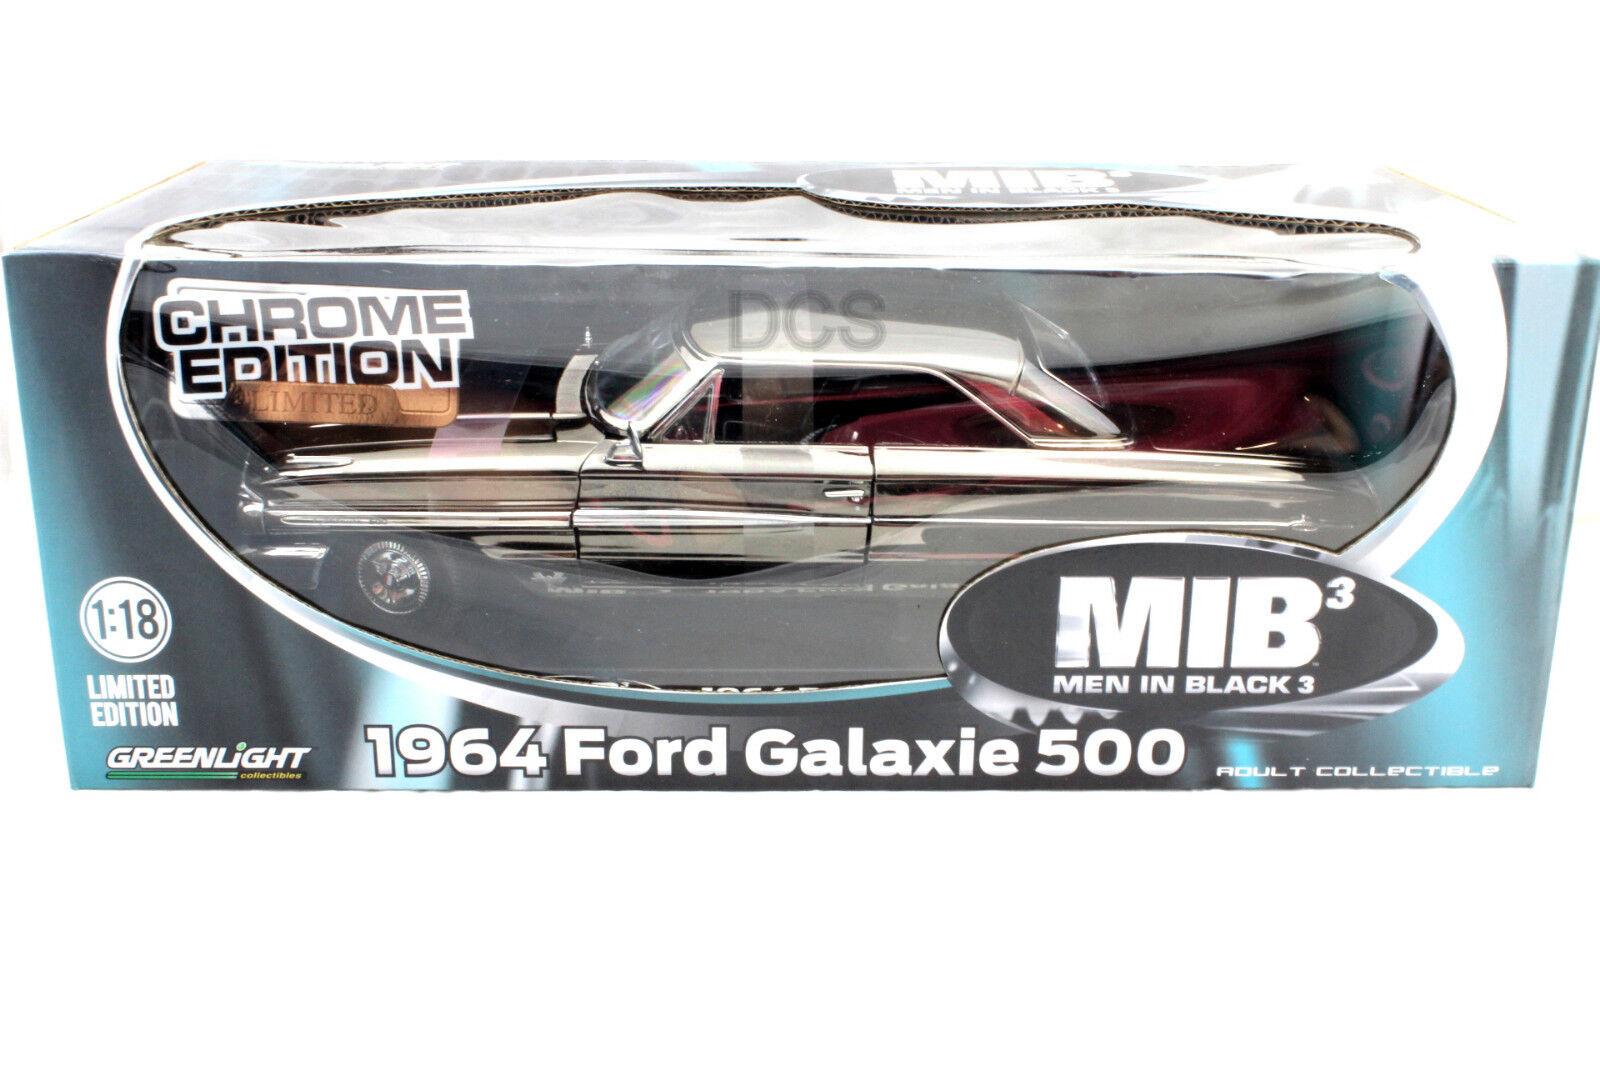 los clientes primero 1964 Ford Galaxie 500 MIB     para Hombre en Negro 7.6cm Película Cromo 1 18 Luz  ventas en linea